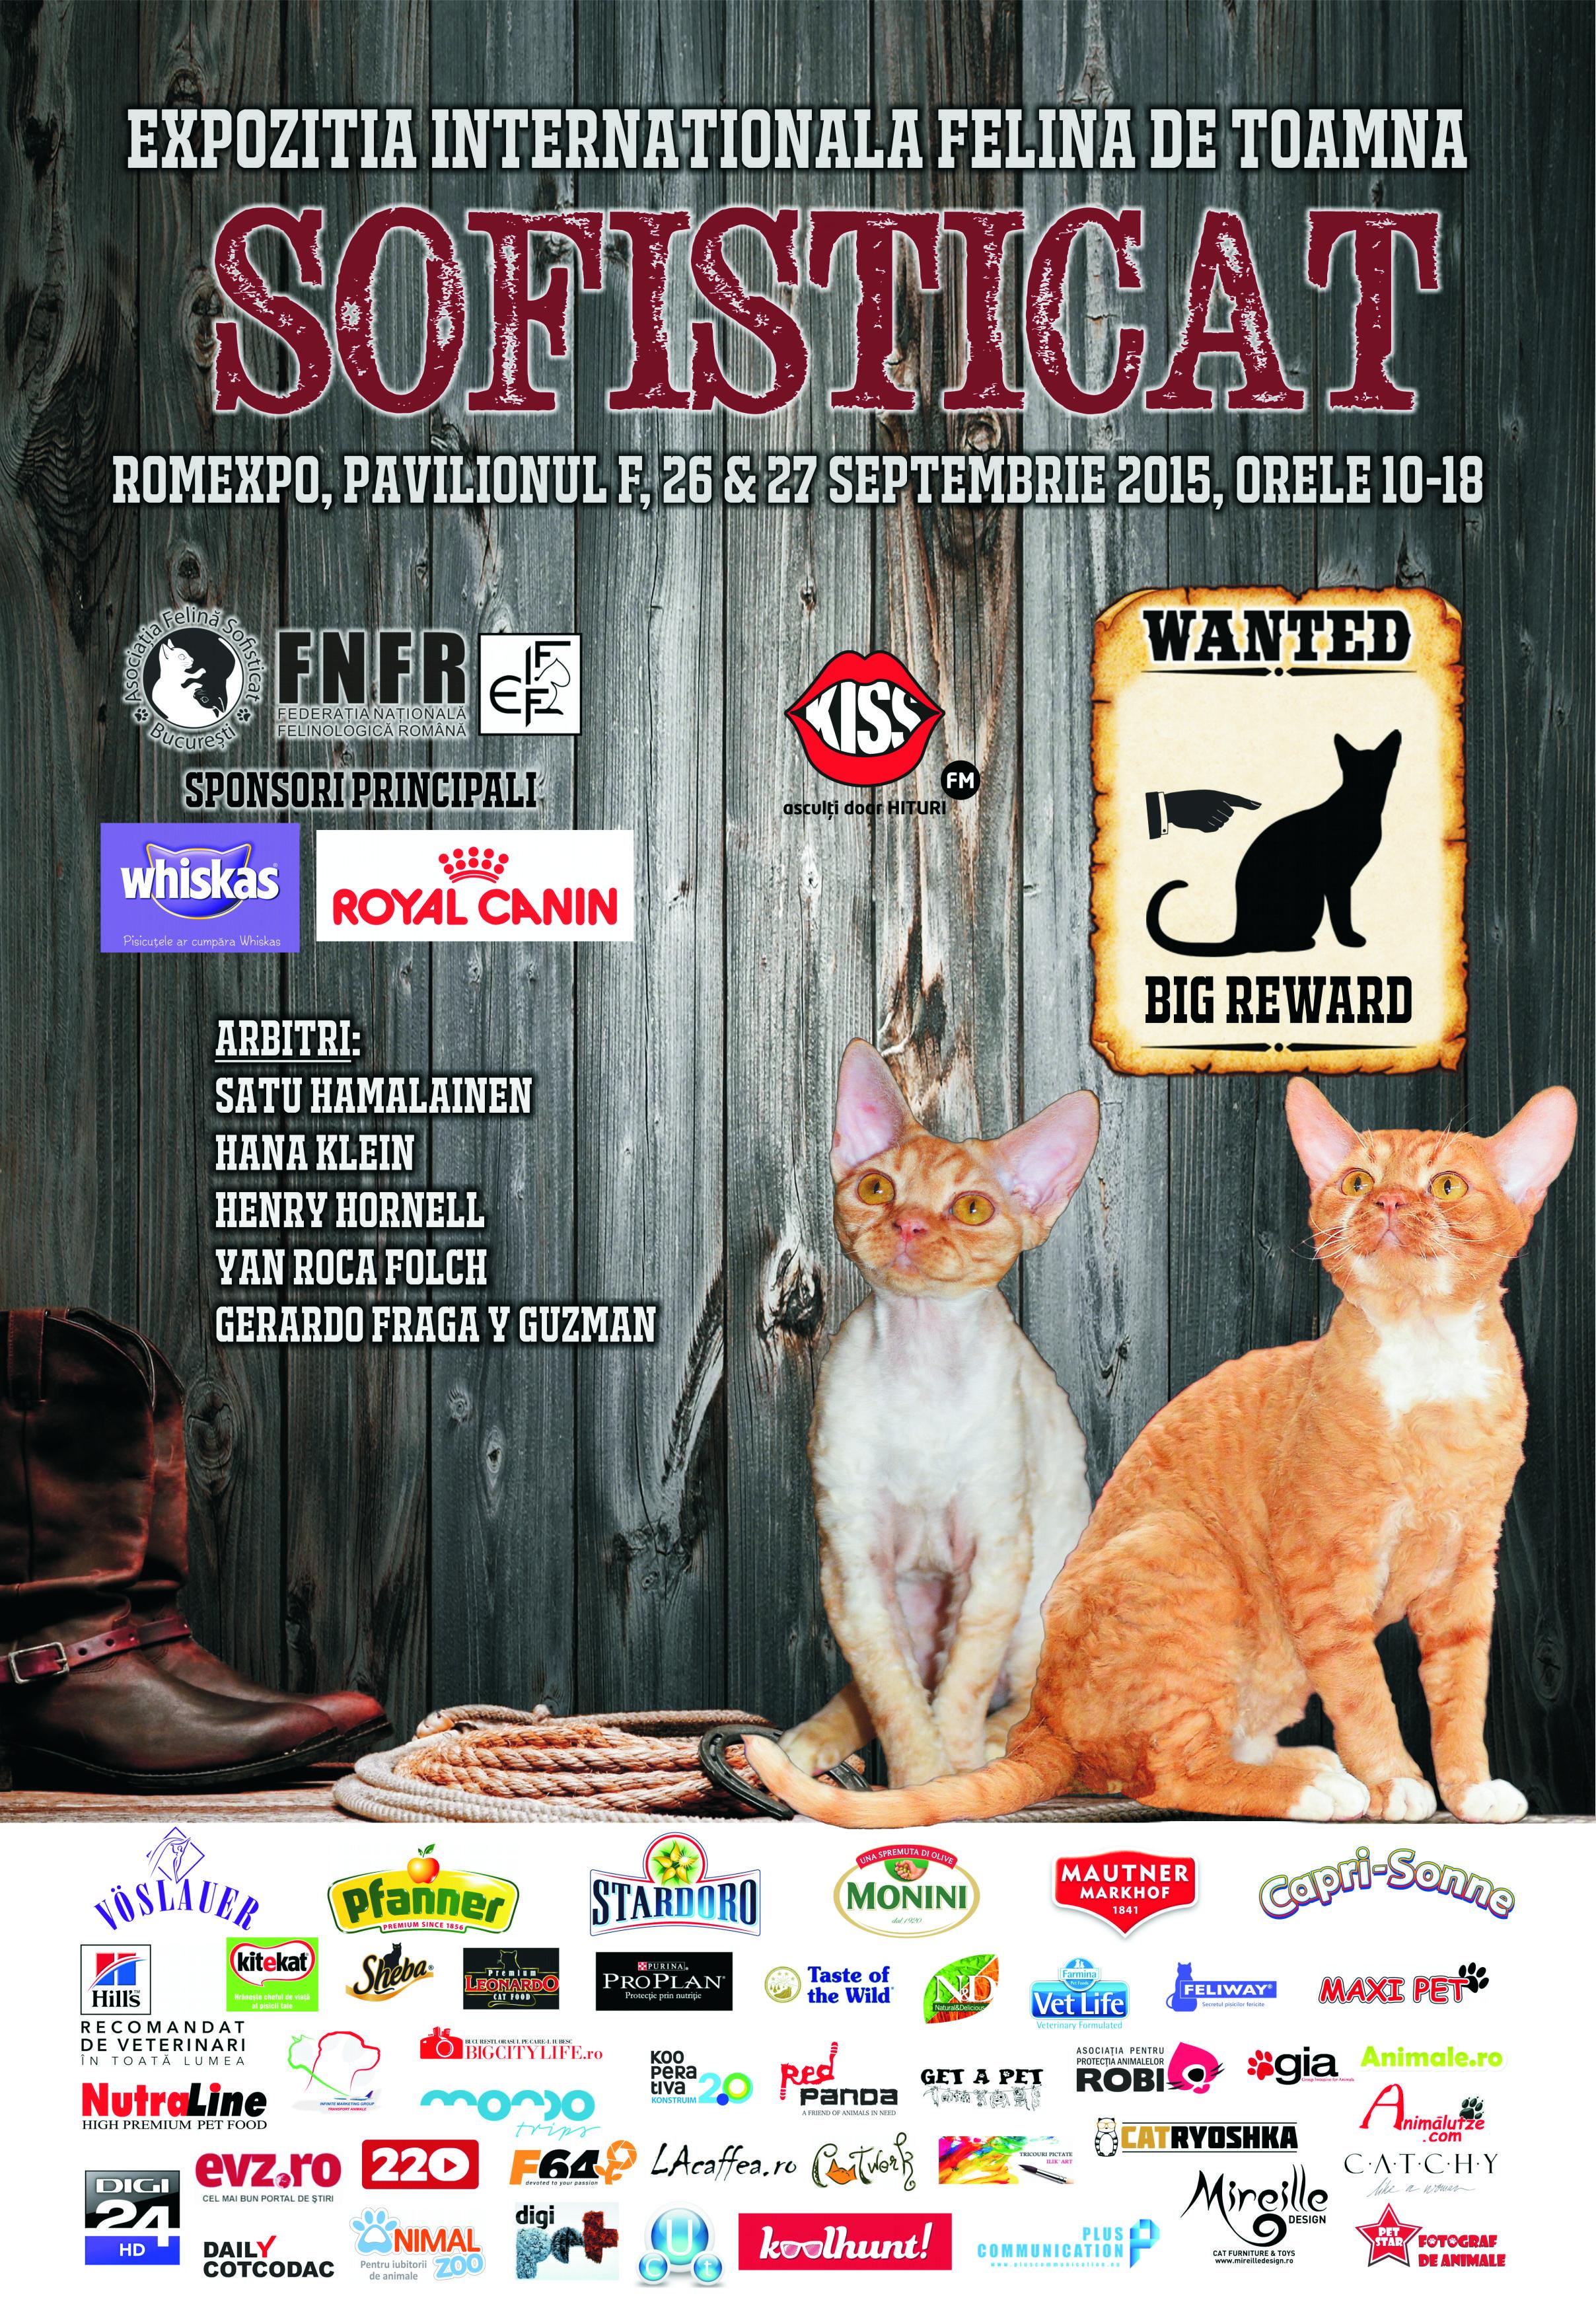 COMUNICAT DE PRESA - WESTERN cu pisici la ROMEXPO! - Agentia